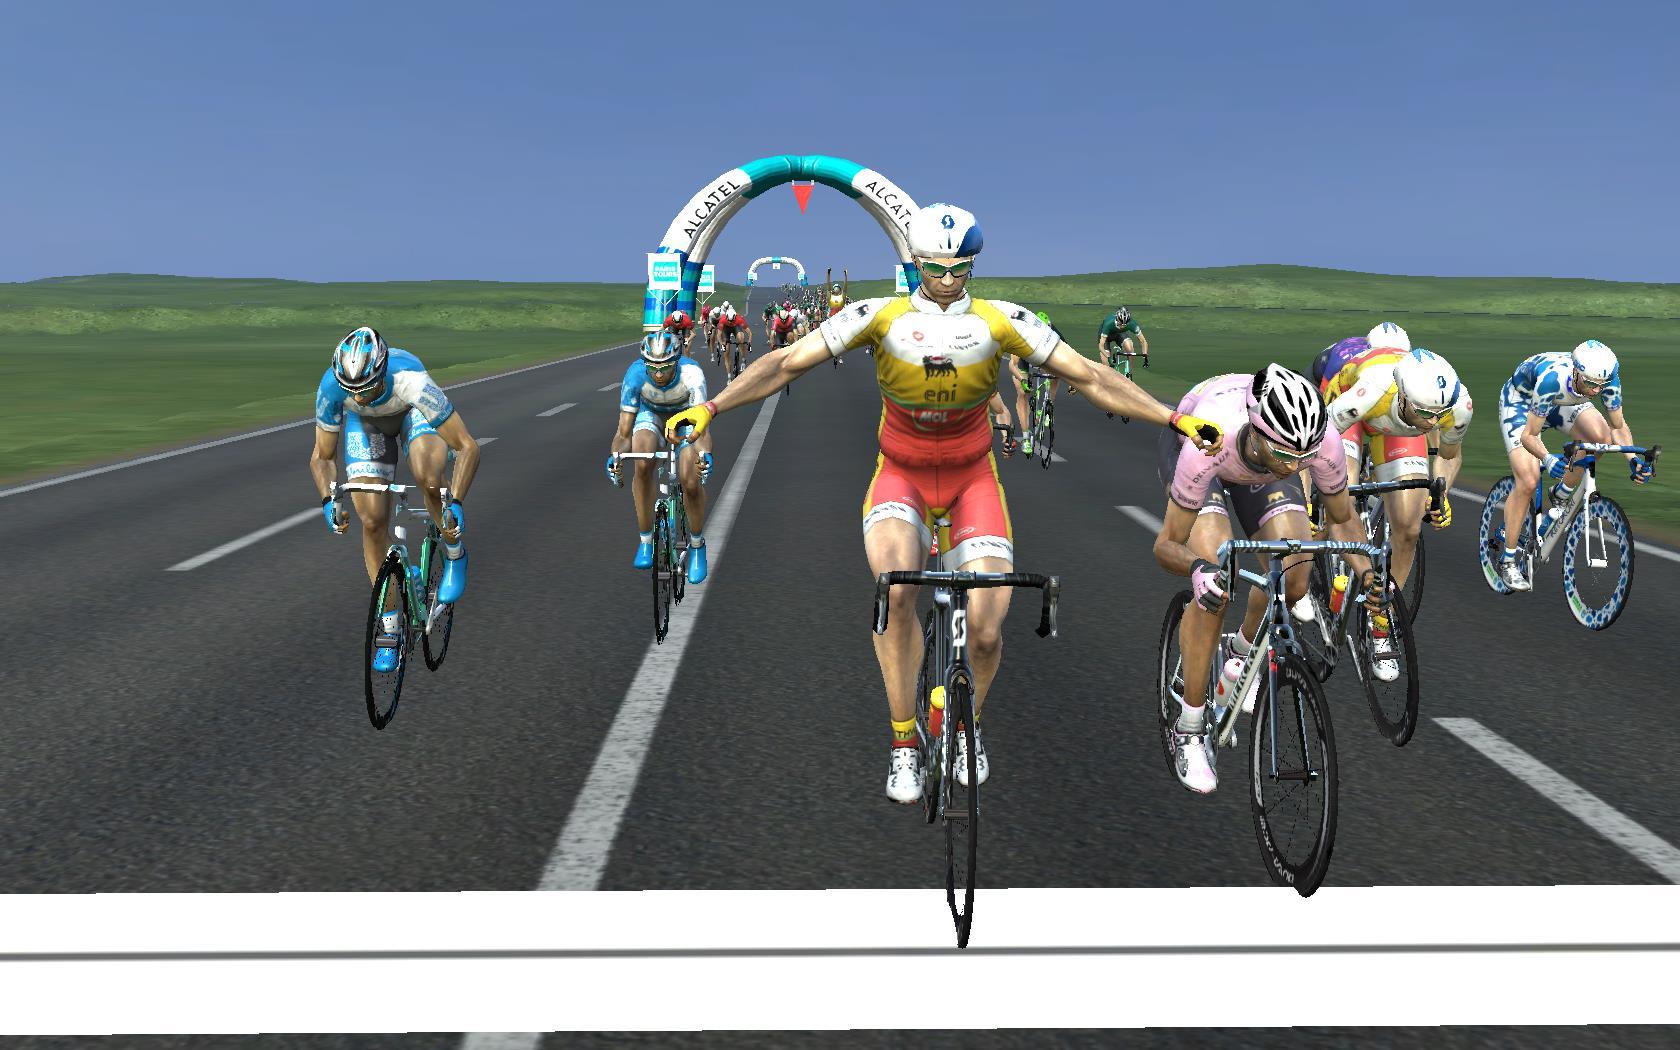 pcmdaily.com/images/mg/2018/Races/C2HC/ParisTours/PCM0020.jpg